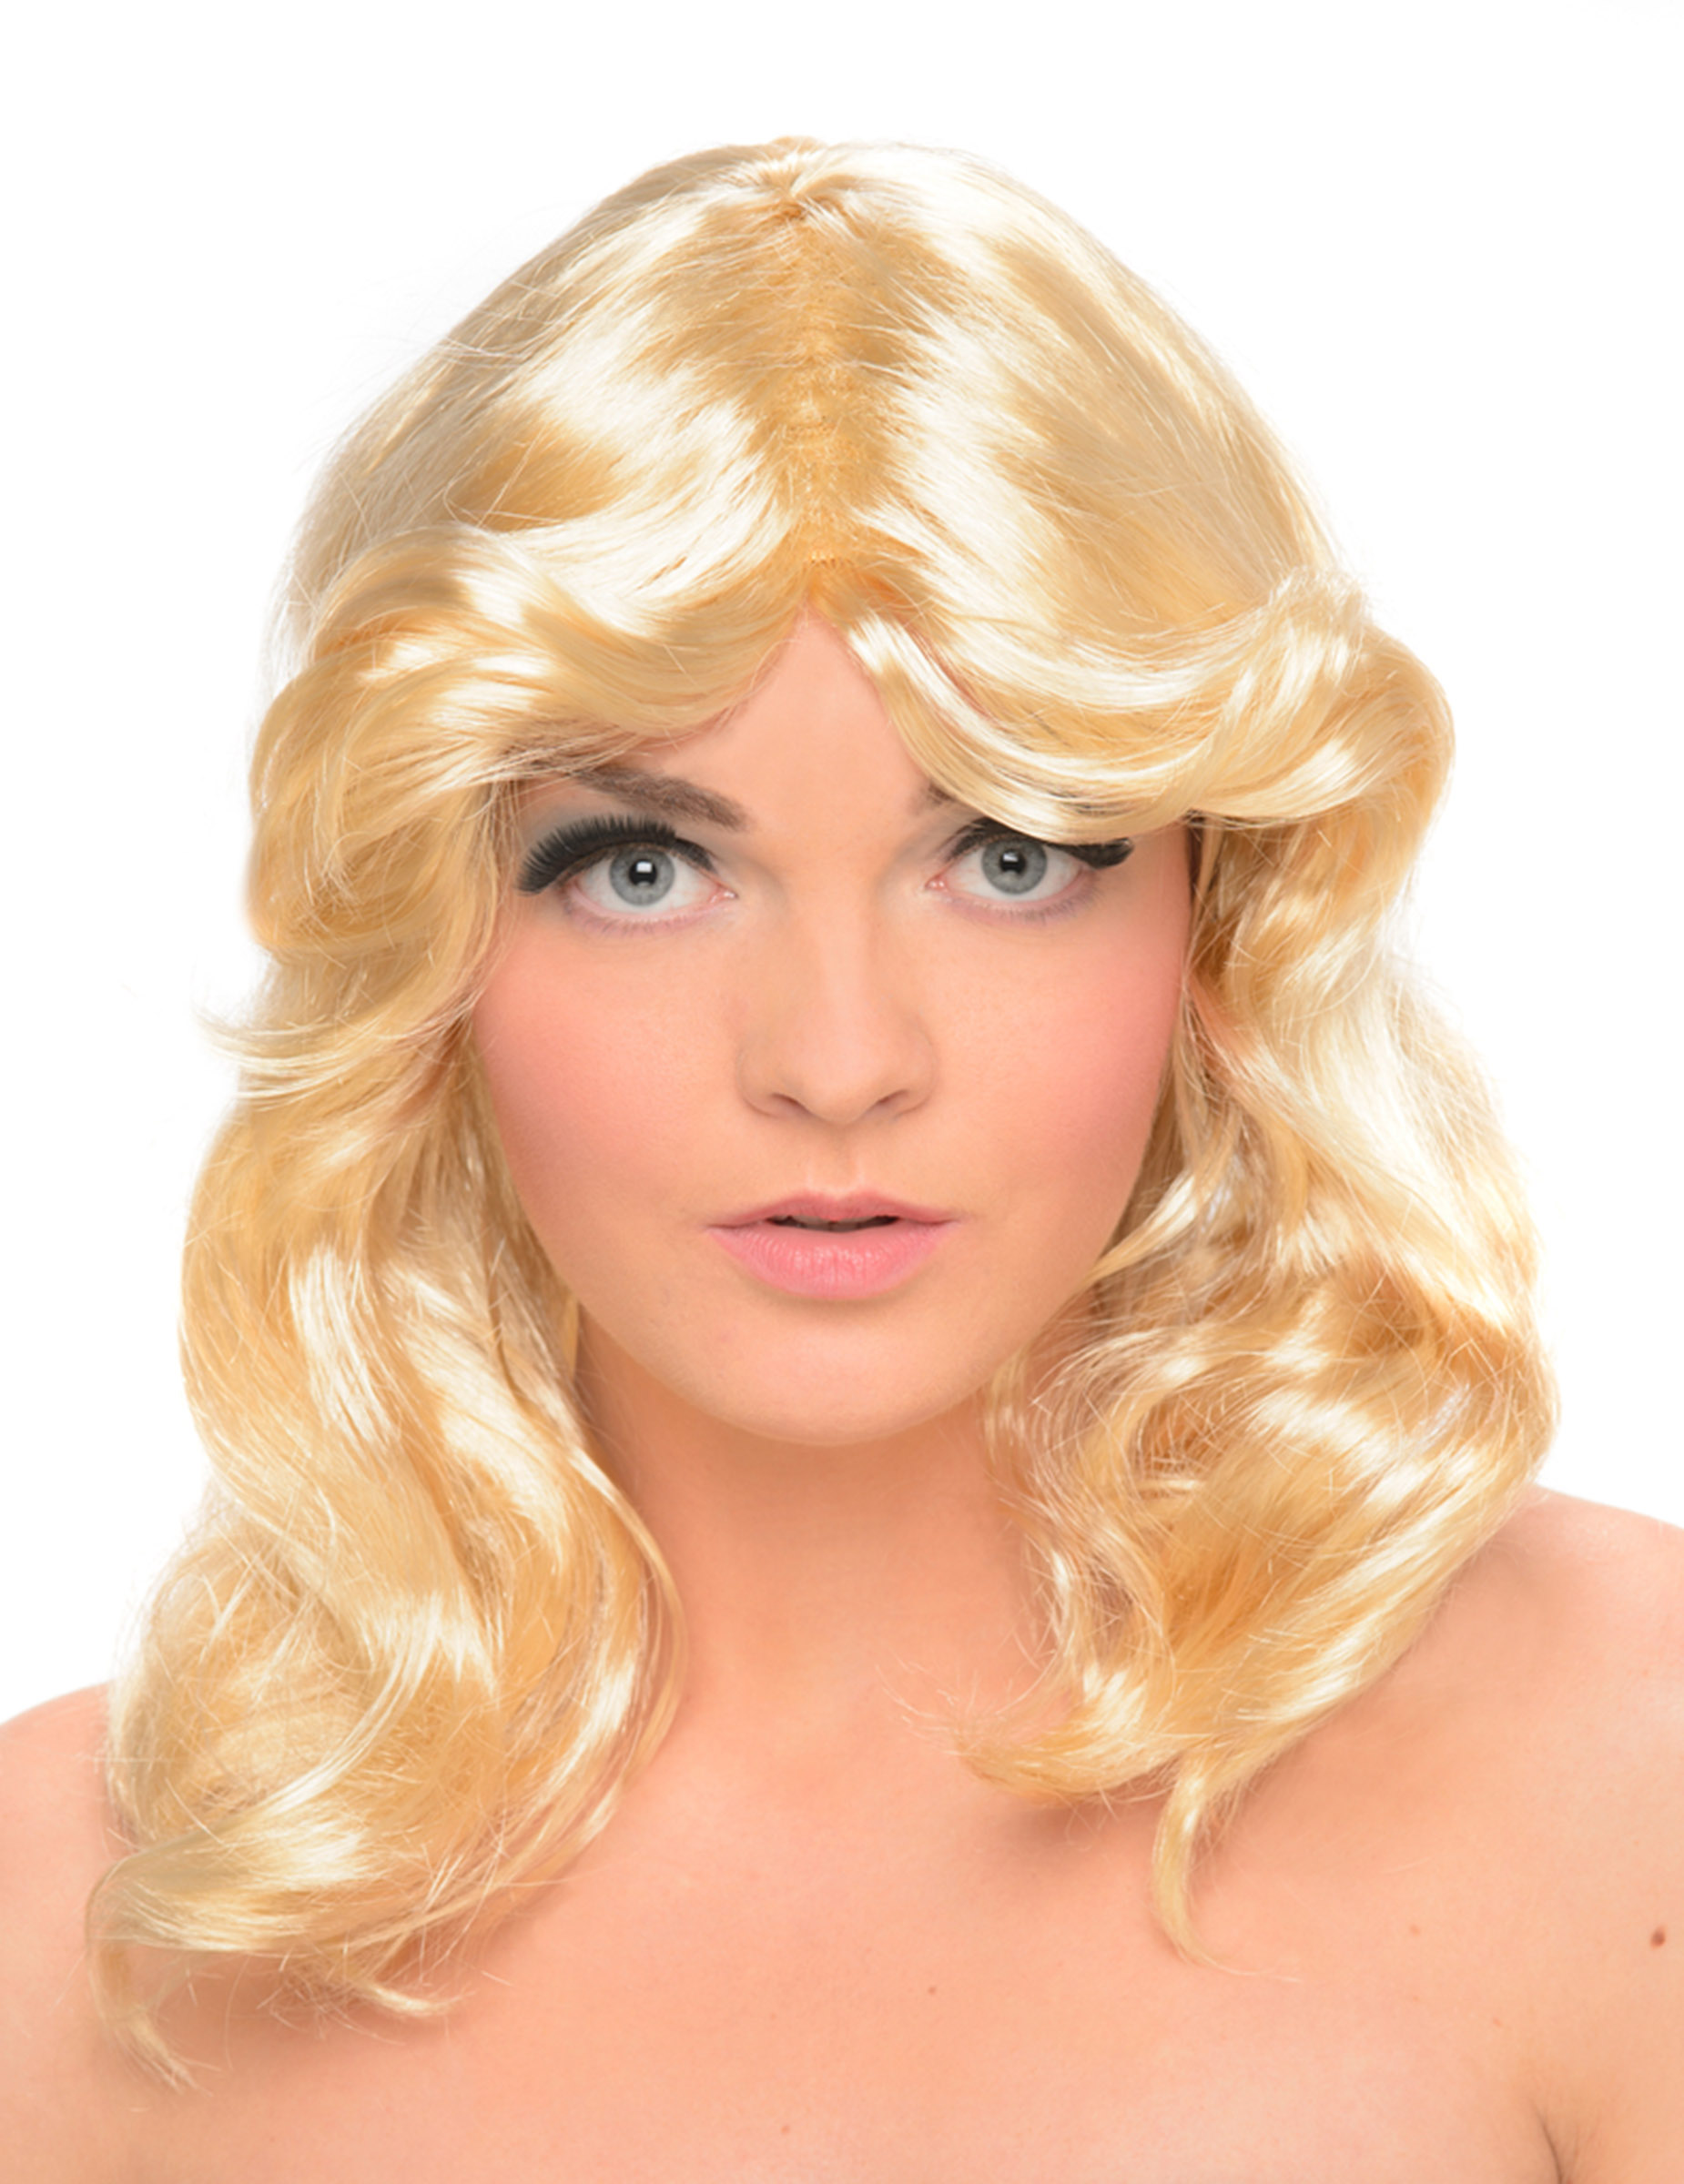 perruque 233 es 70 femme achat de perruques sur vegaoopro grossiste en d 233 guisements perruque 233 es 70 femme deguise toi achat de perruques